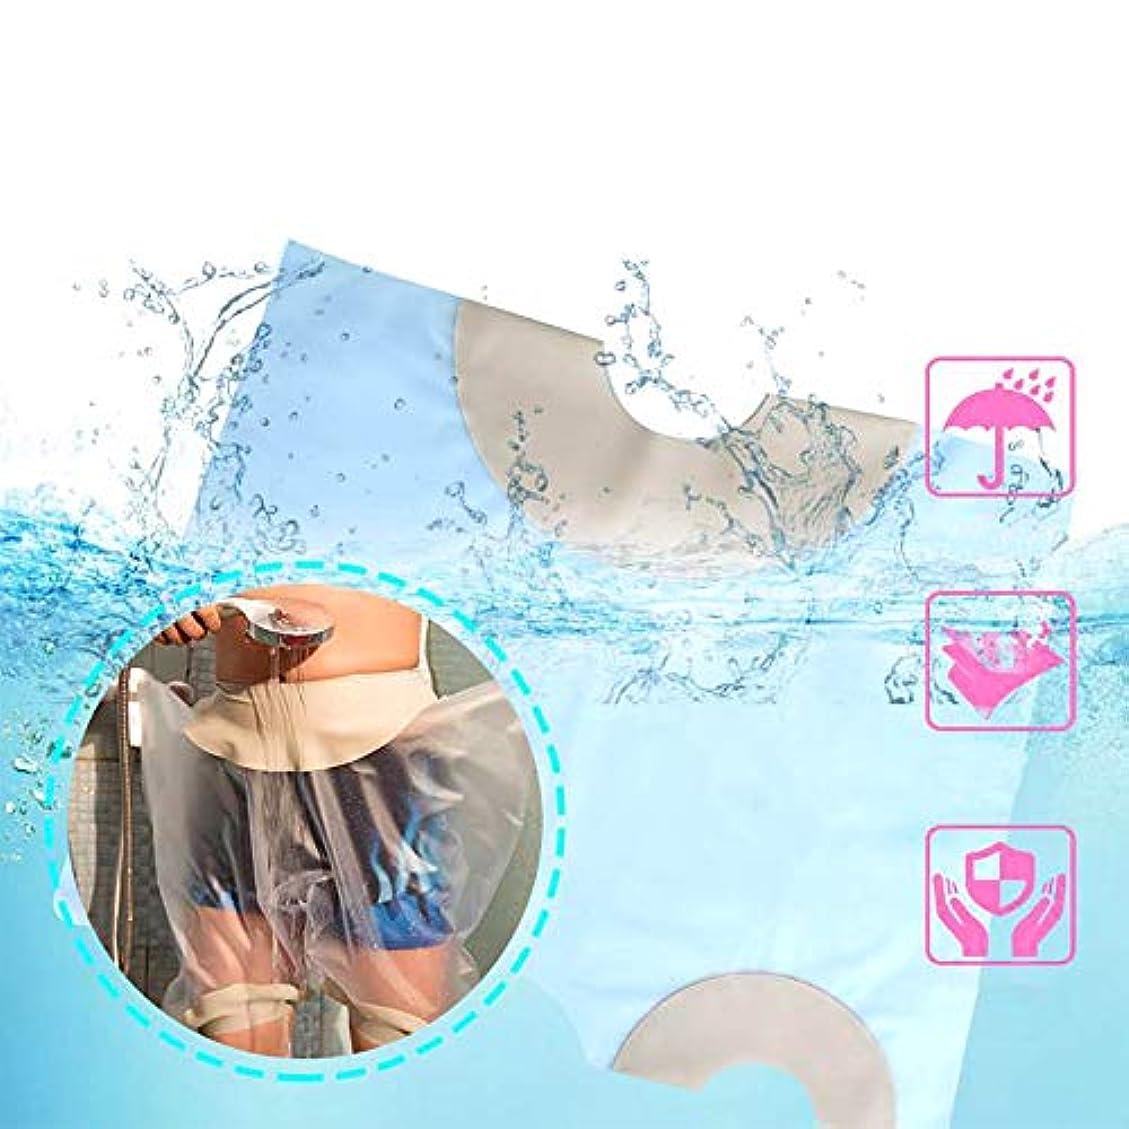 拡大する写真危険にさらされている防水キャストバッグ包帯プロテクター防水大人のプラスチック製の保護ドライバッグ防水、耐、水中シール,M